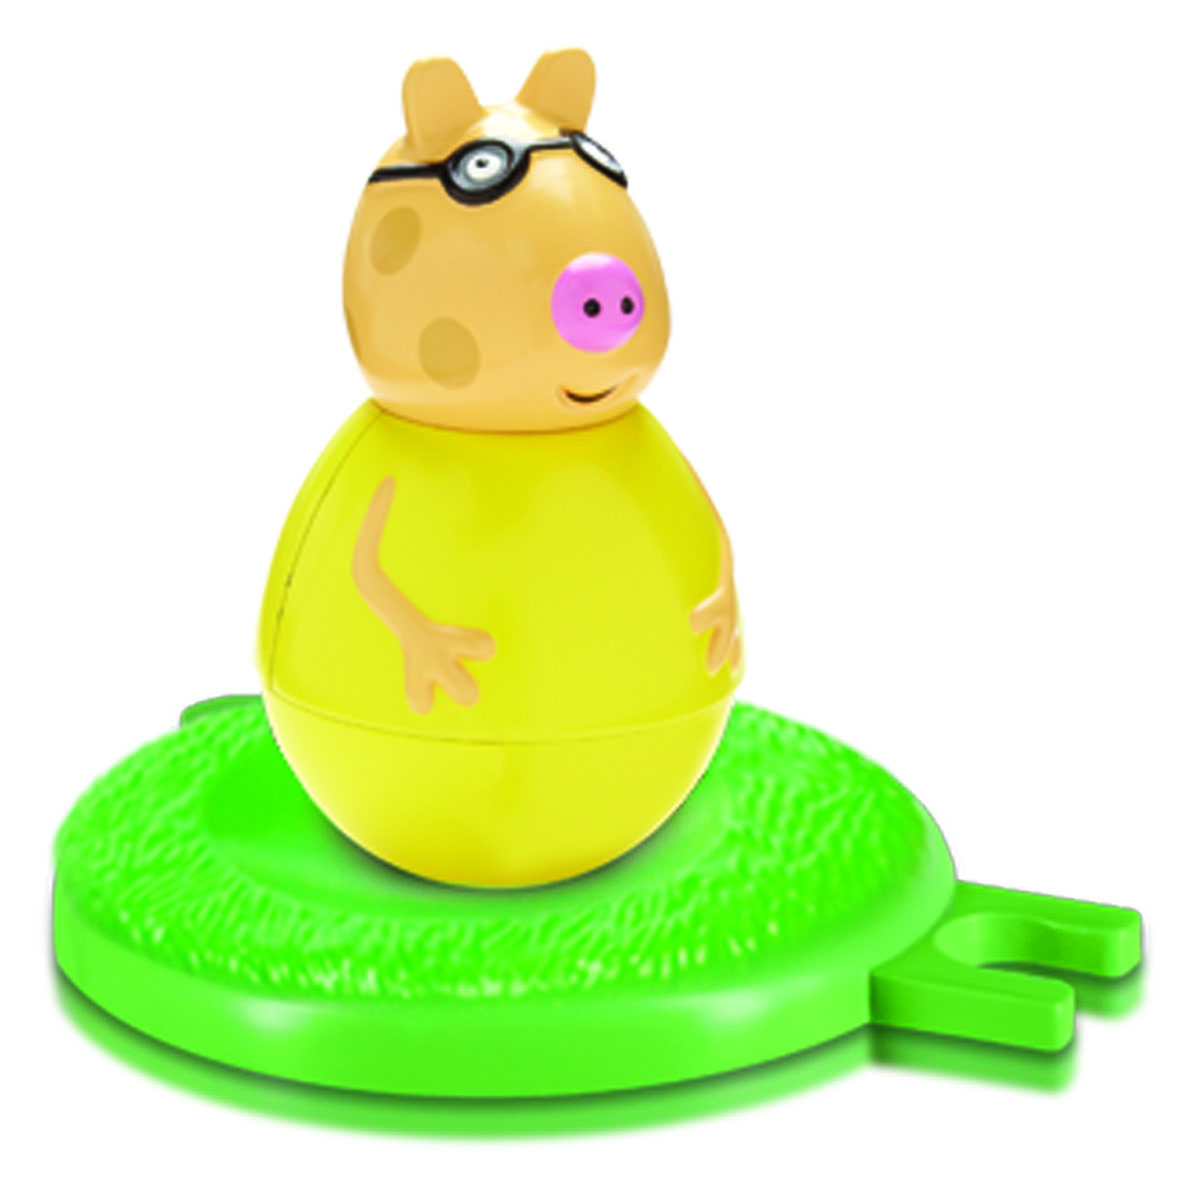 Фигурка-неваляшка Weebles «пони Педро» тм Peppa PigСвинка Пеппа (Peppa Pig )<br>Фигурка-неваляшка Weebles «пони Педро» тм Peppa Pig<br>